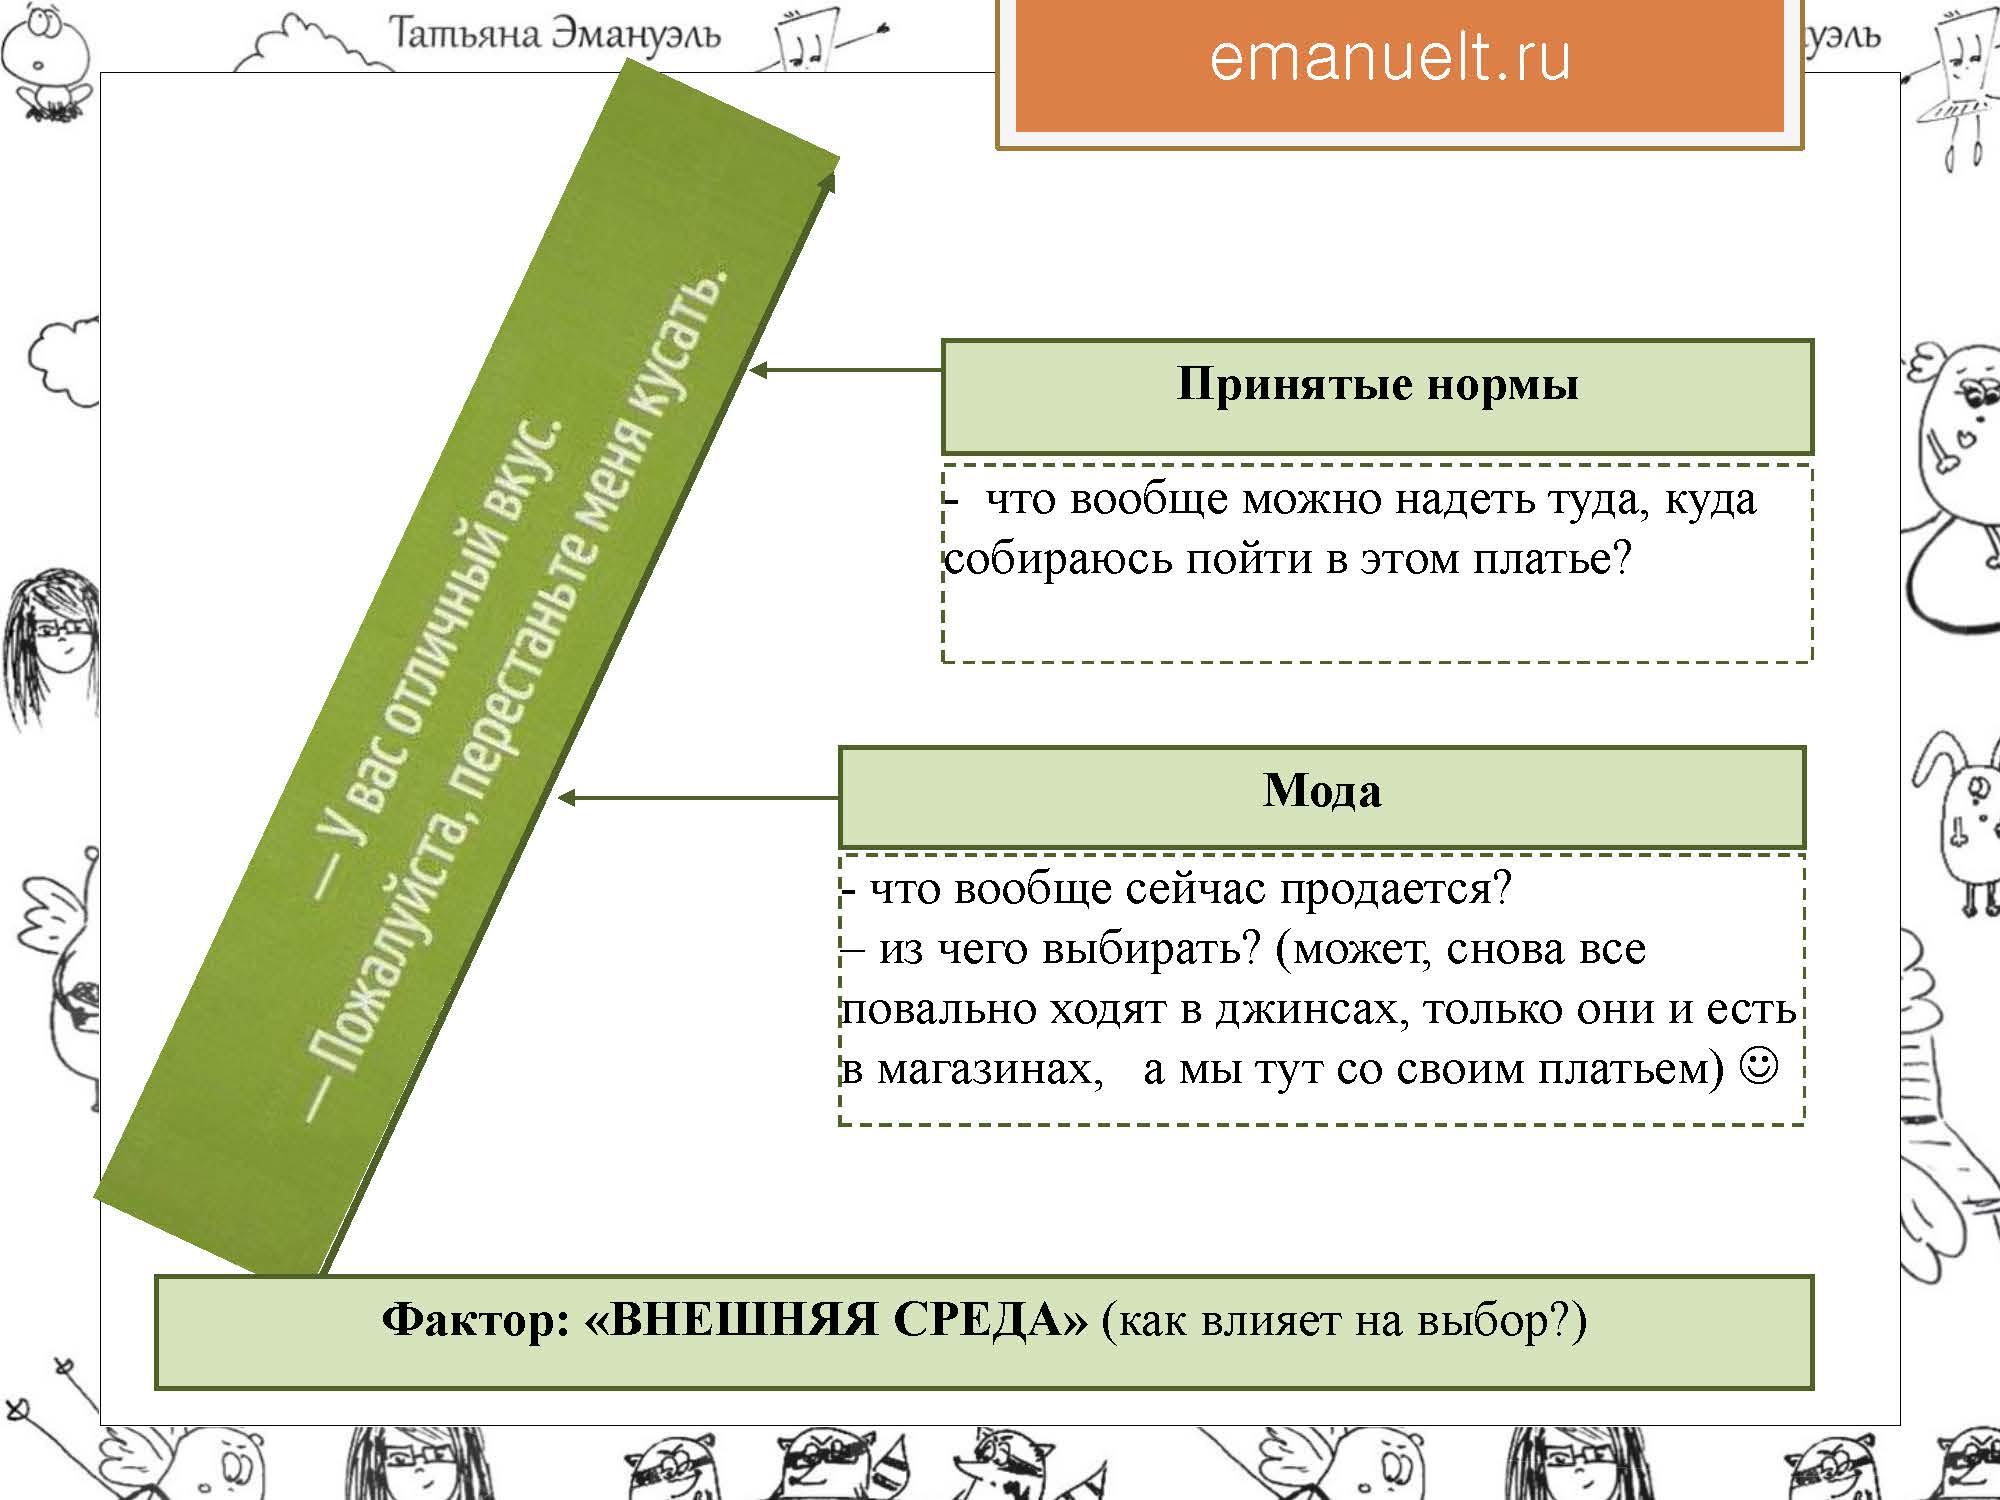 проектный эмануэль_Страница_28